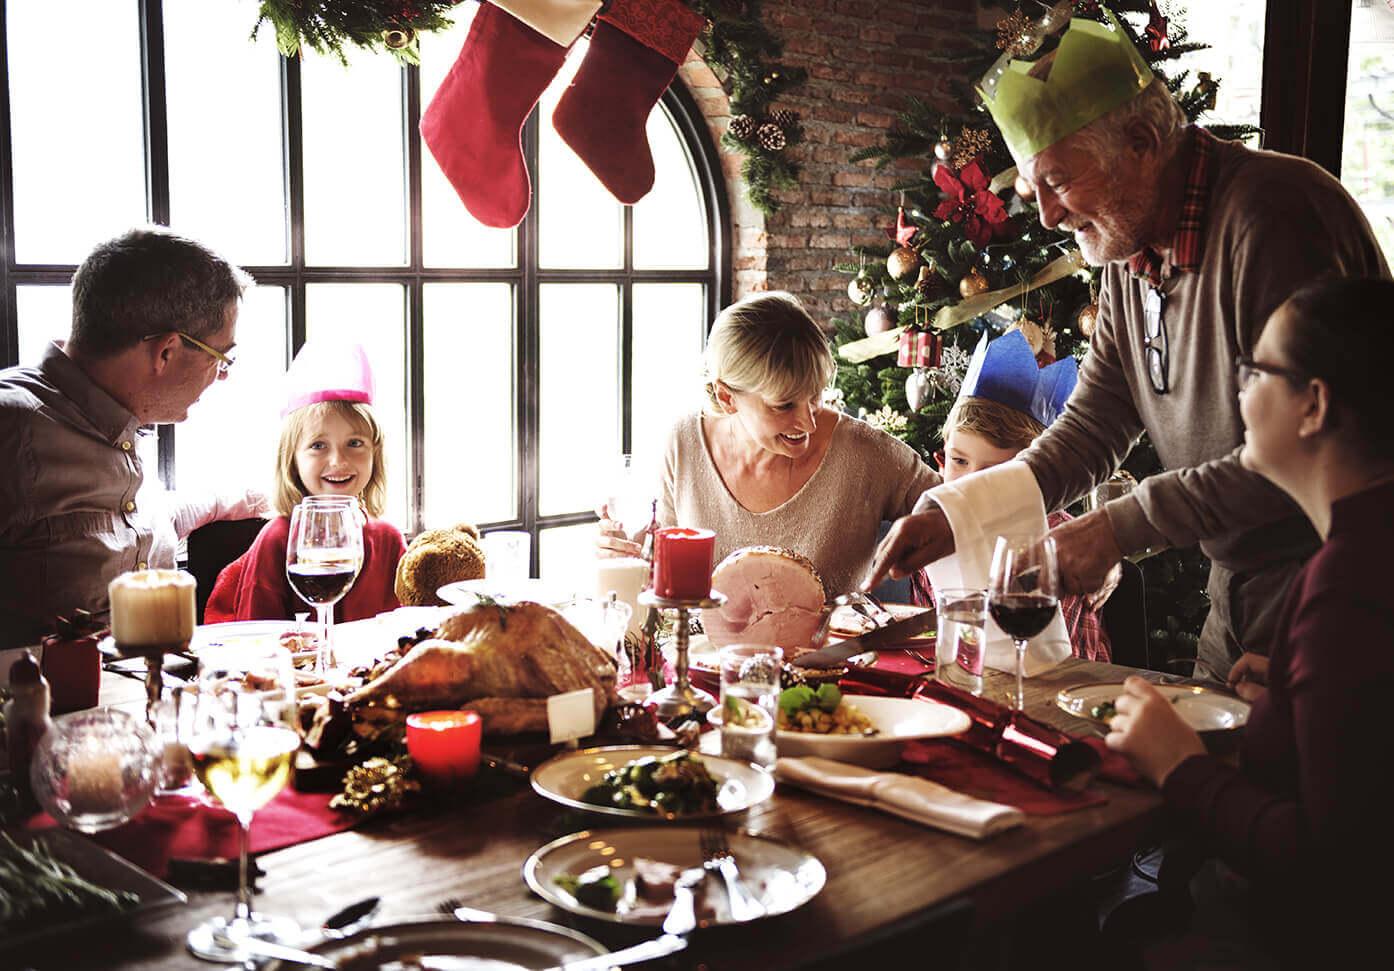 Comment affronter les remarques des proches lors des fêtes de Noël ?